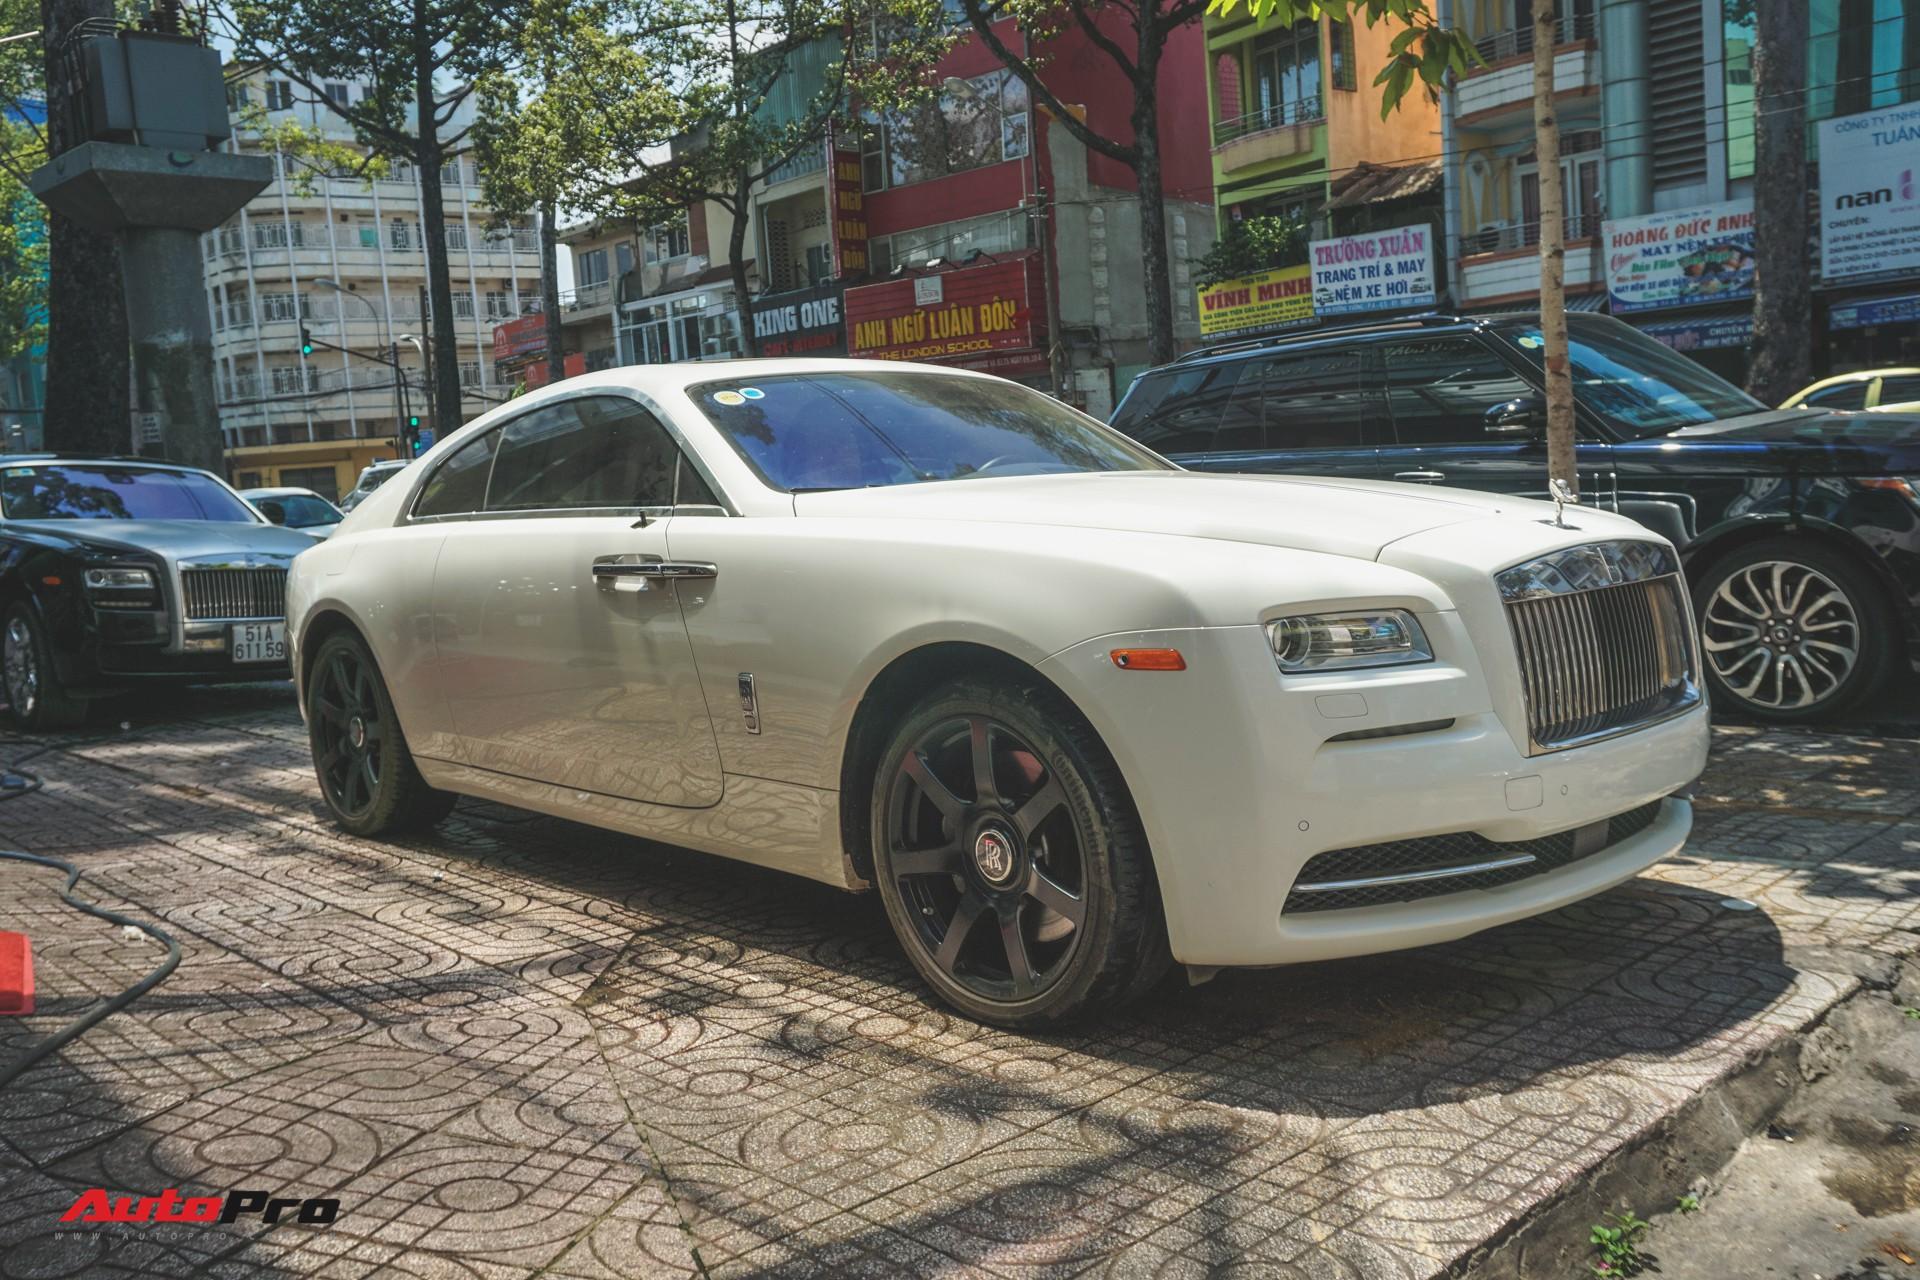 Ông chủ cafe Trung Nguyên mang 2 chiếc Rolls-Royce đến showroom để bán và làm đẹp - Ảnh 5.